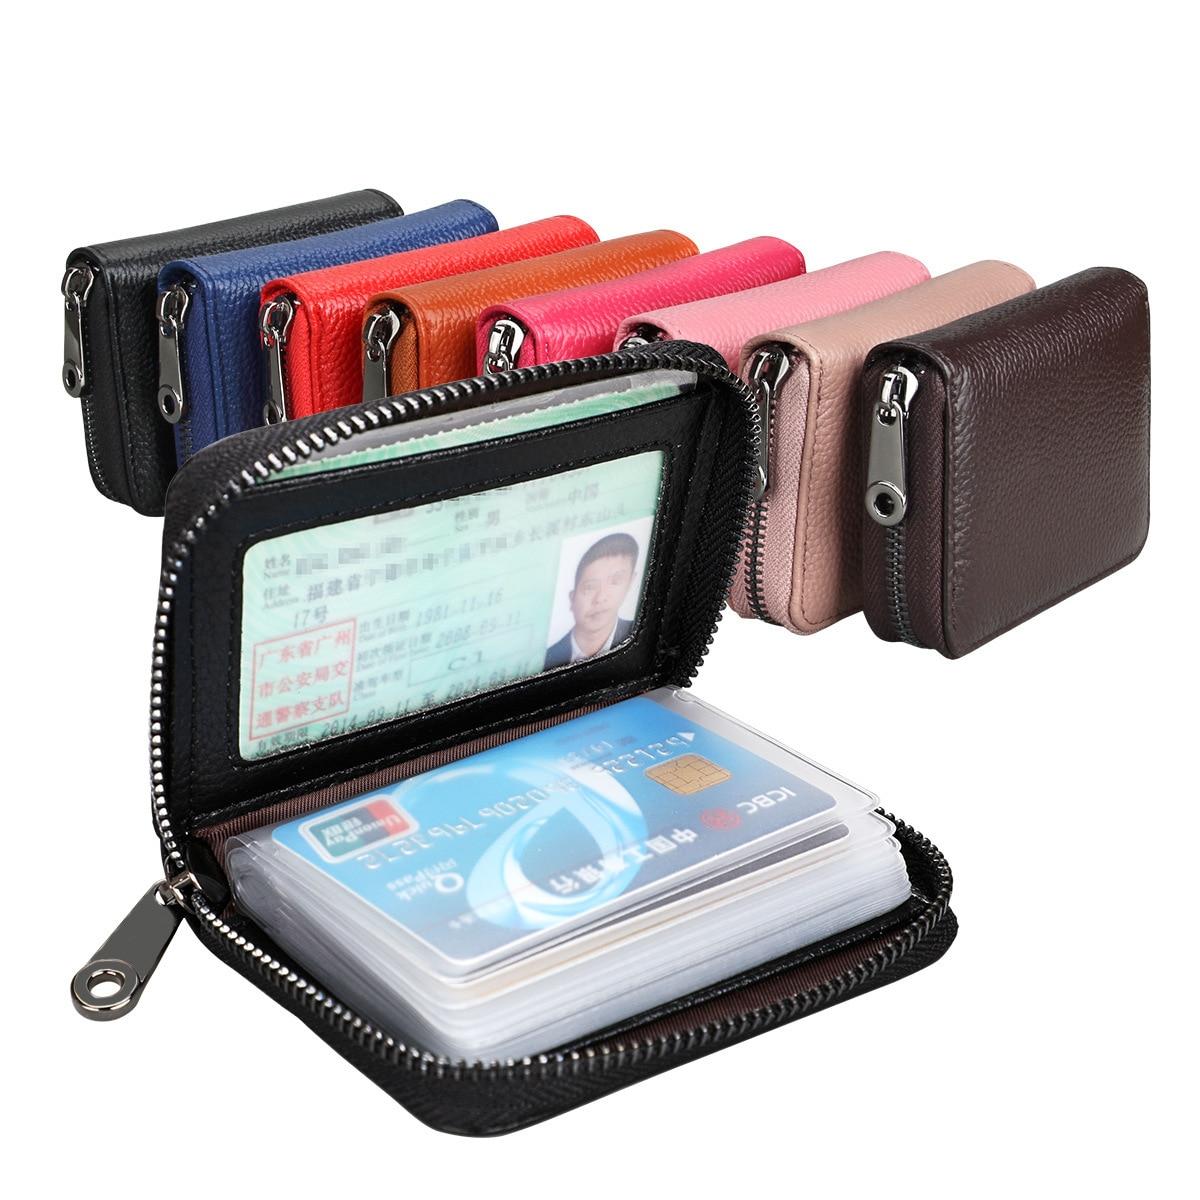 Держатель для карт из натуральной кожи с RFID-защитой, 20 отделений